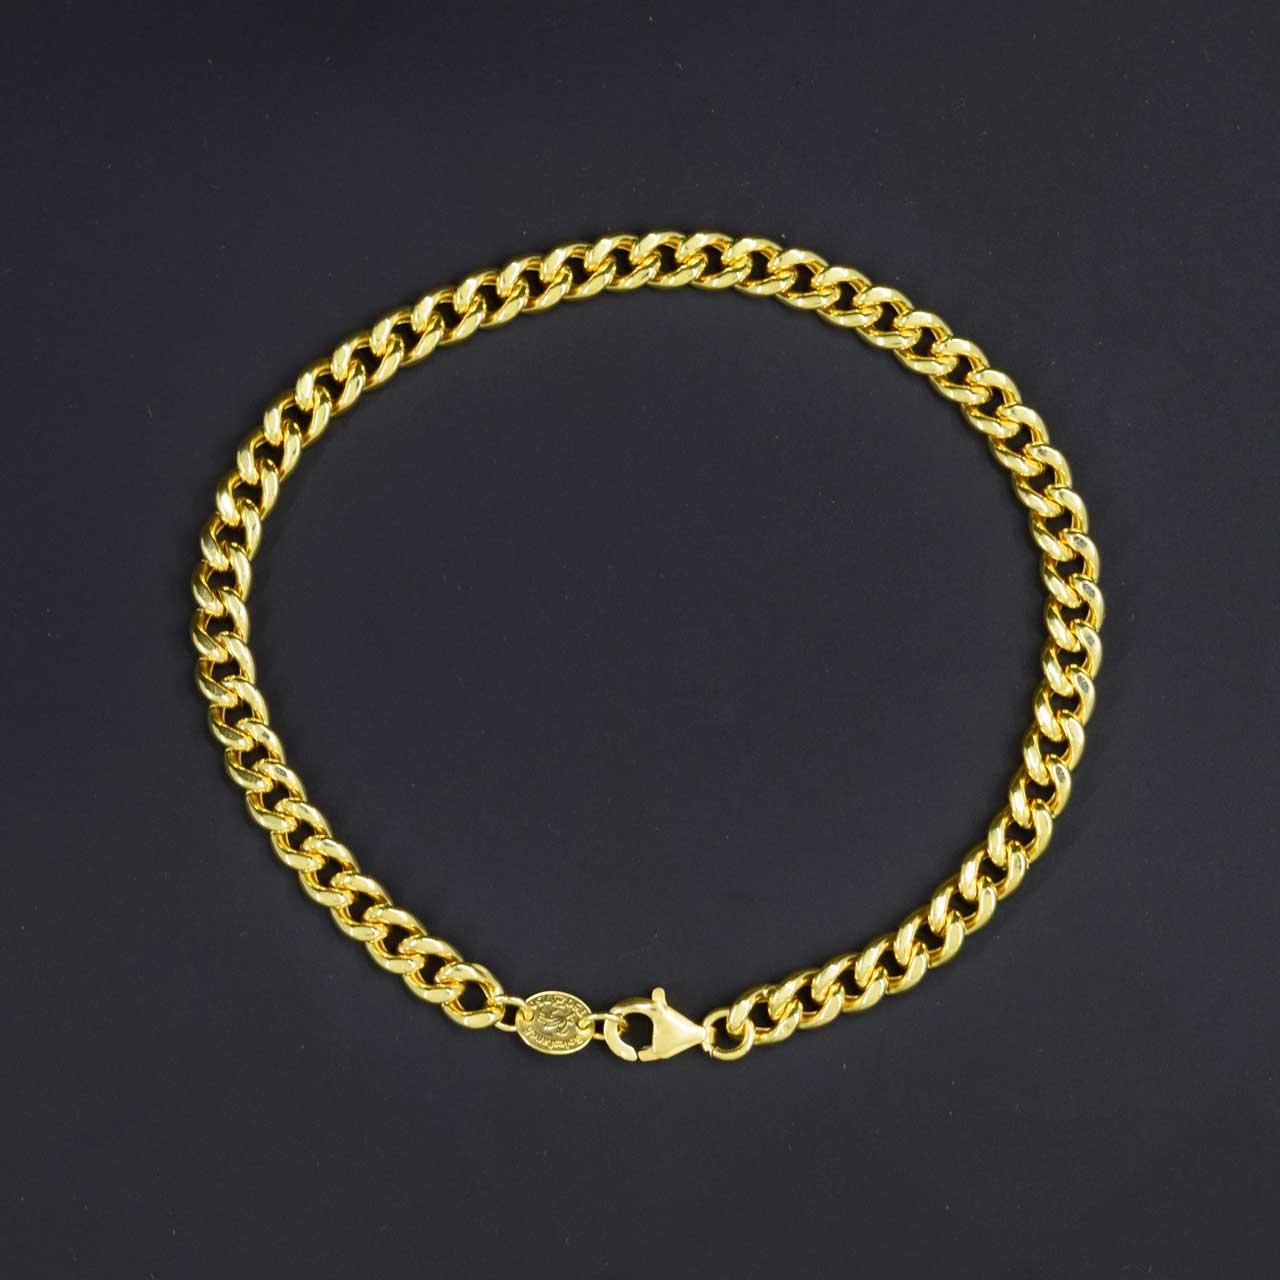 دستبند طلا 18 عیار زنانه کانیار گالری کد B12